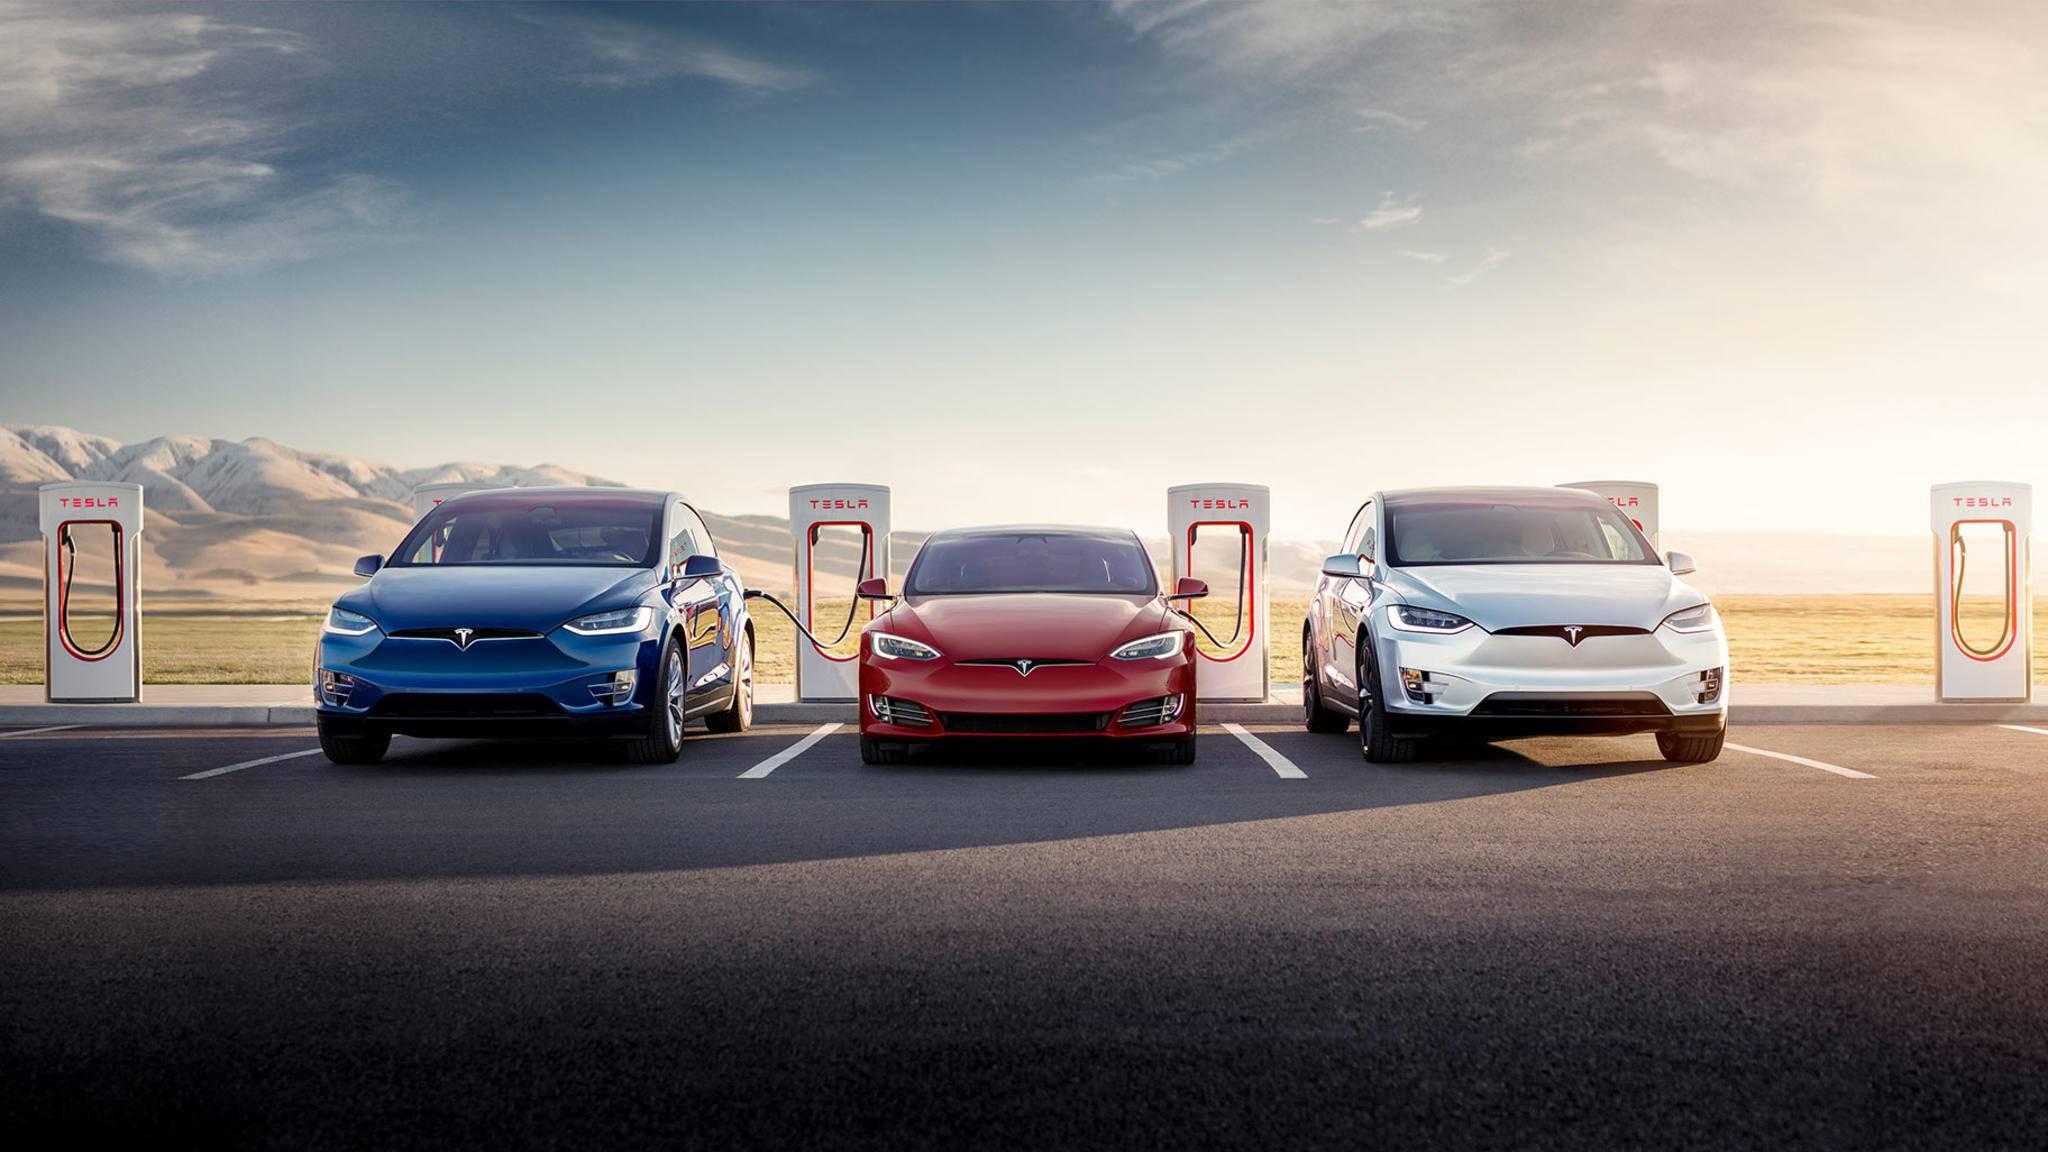 Fahren die ersten Teslas noch 2019 völlig autonom?